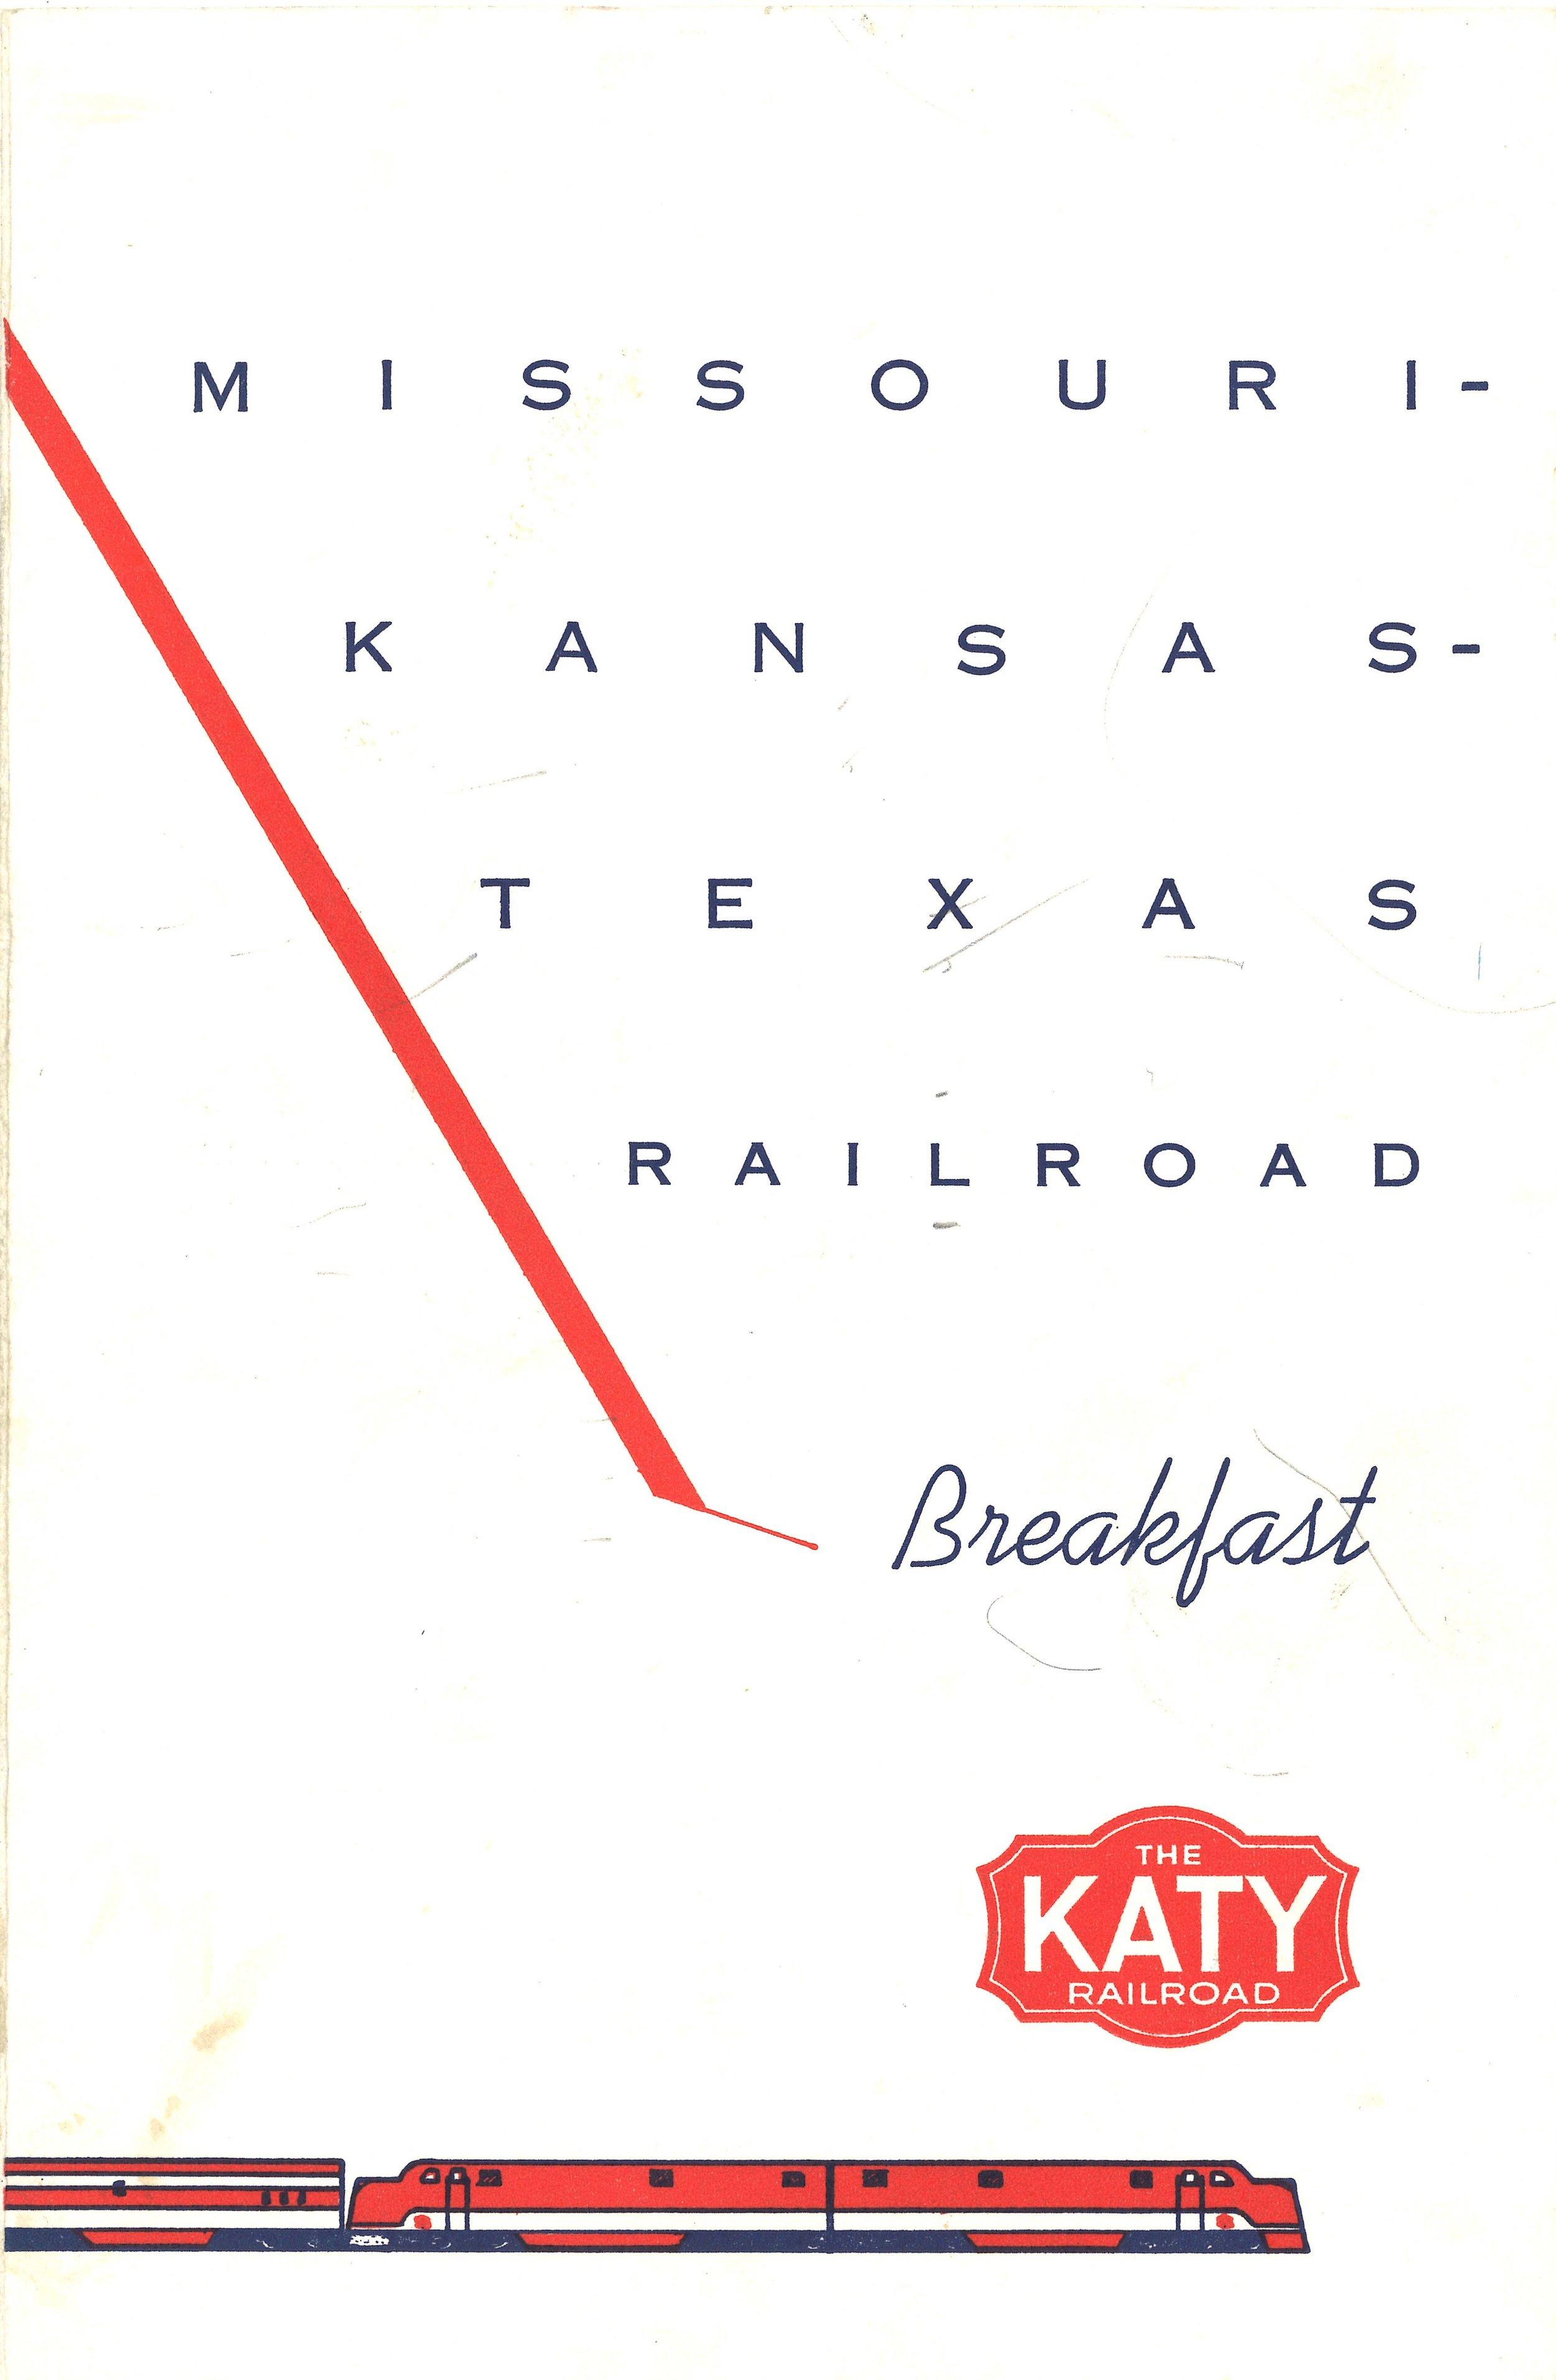 MKT Railroad Katy Railroad Breakfast Menu_sm1.jpg